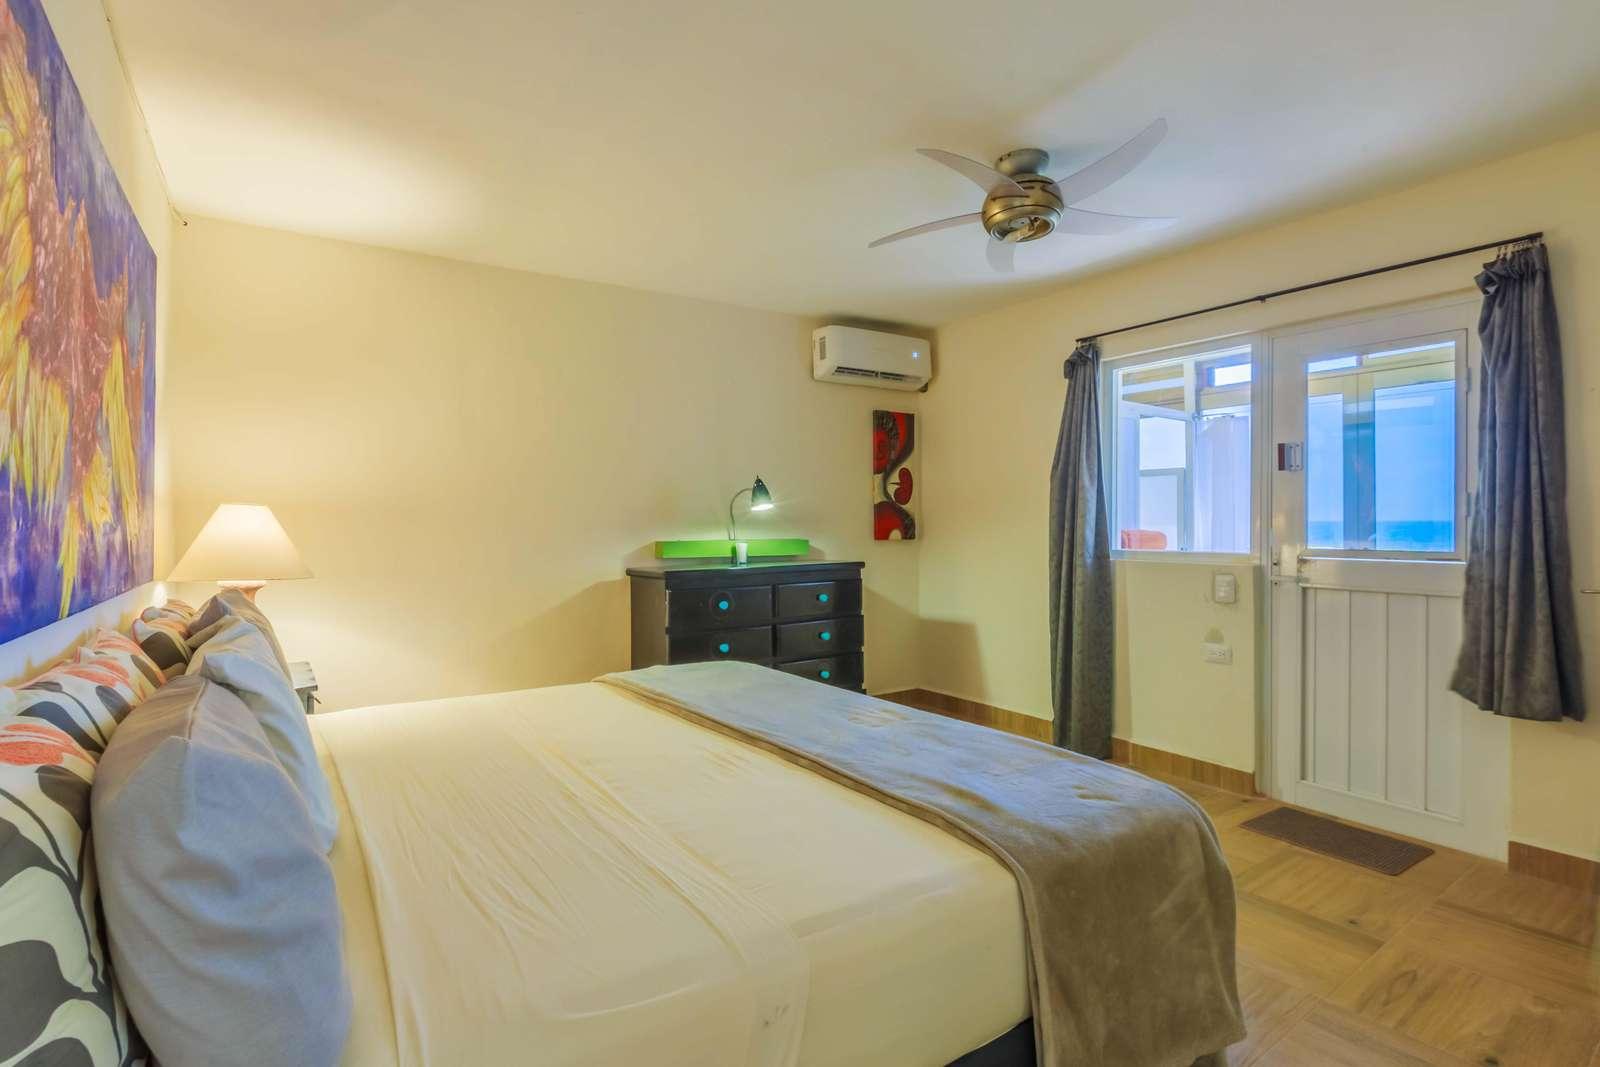 Bedroom w/ double bed